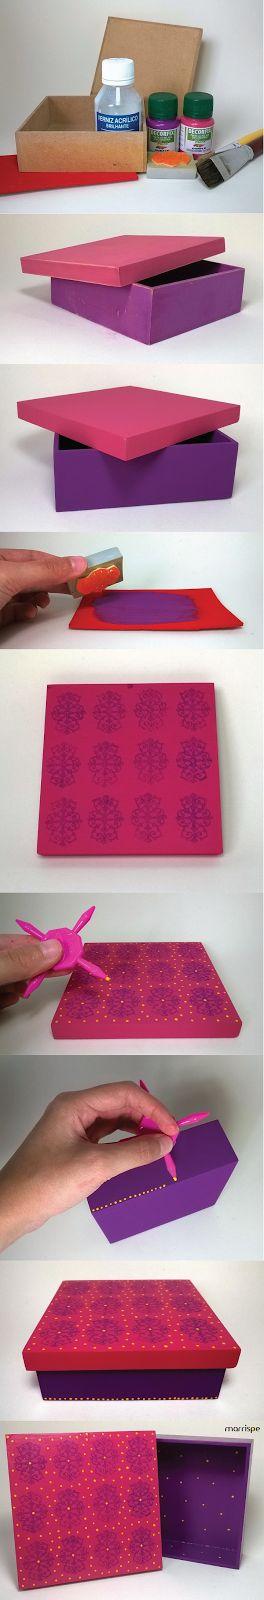 Passo-a-passo caixa em mdf decorada com carimbo de arabesco e bolinhas #artesanato #decor #organização #caixa #mdf #madeira #decoração #artesanal #pap #diy #tutorial #passoapasso #façavocemesmo #handmade #feitoamao #bolinhas #poa #arabesco #carimbo #marrispe